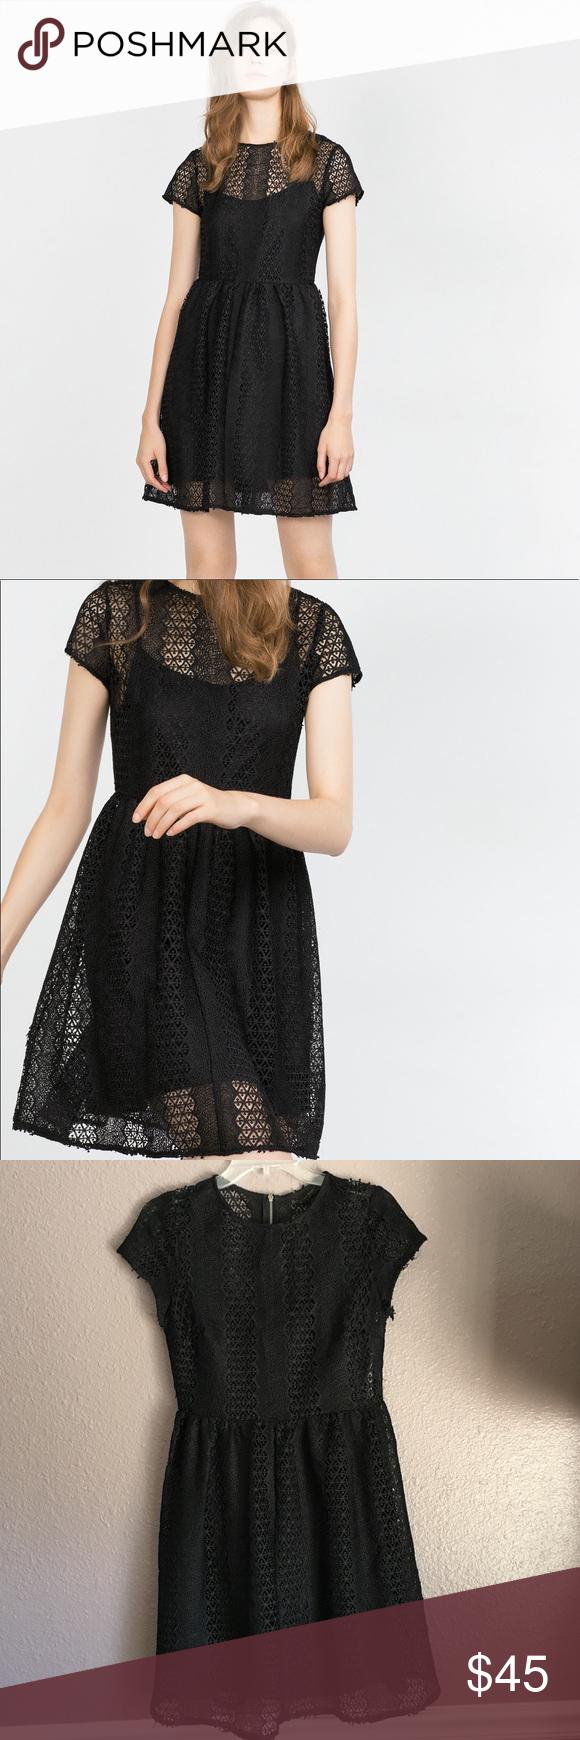 Black Zara Guipure Lace Dress Gorgeous Black Guipure Lace Dress From Zara Fun And Flirty With Flounce Skirt Sheer Top Gorgeous Dresses Clothes Design Dresses [ 1740 x 580 Pixel ]